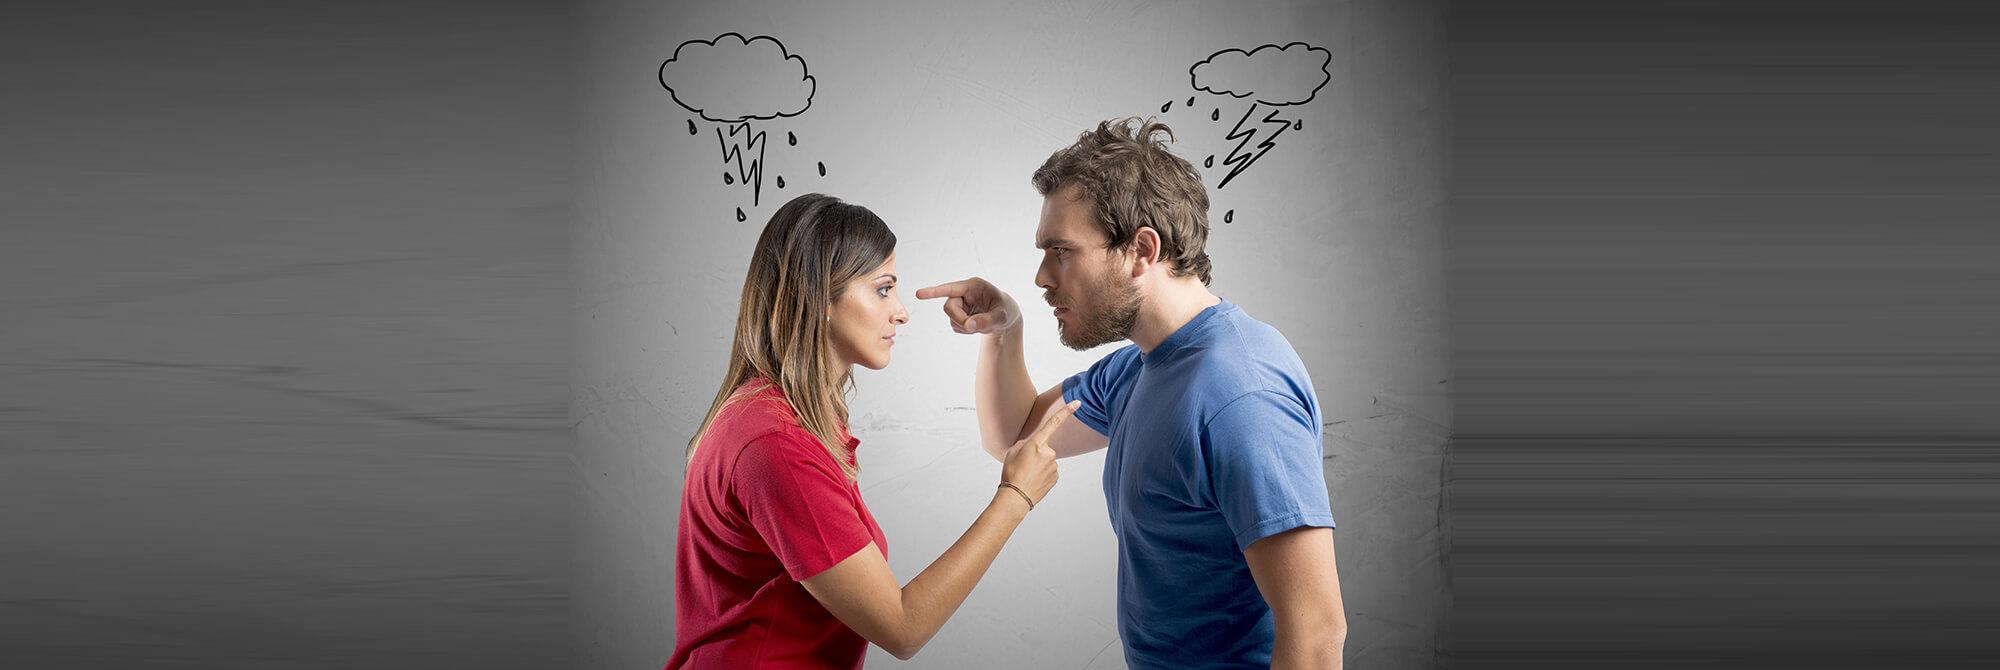 Eheprobleme Eheberatung